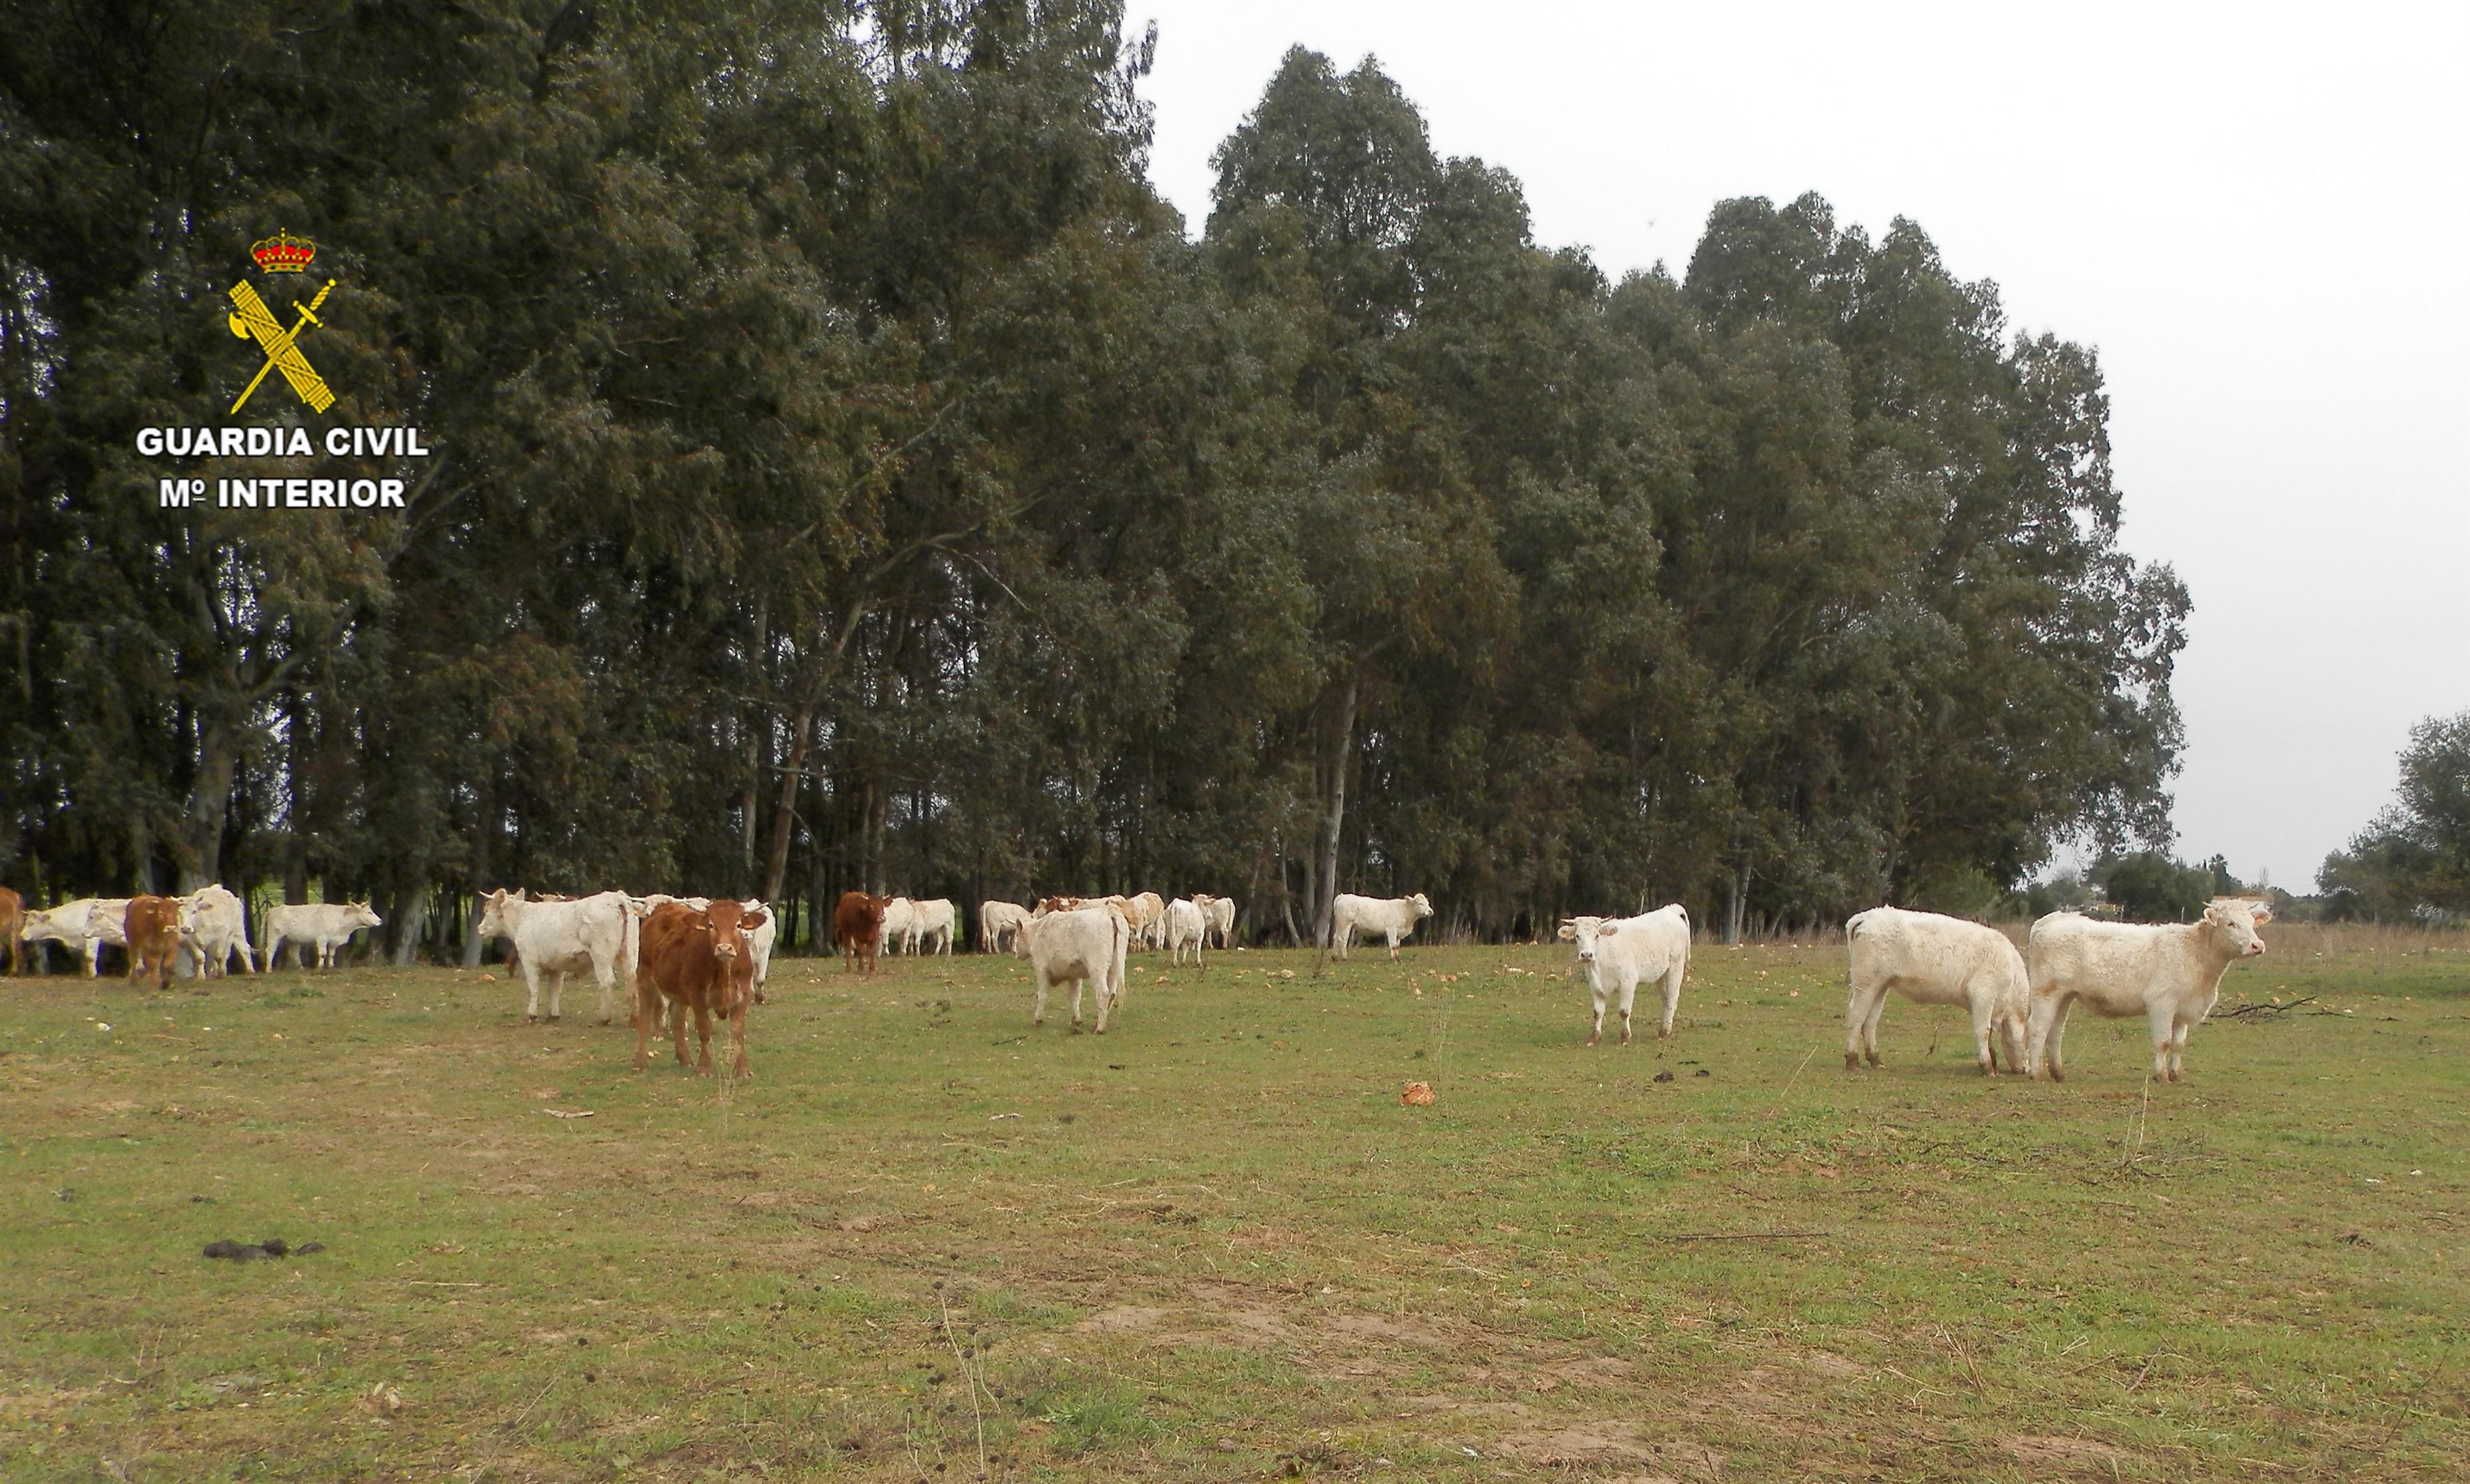 Un detenido en Utrera por presunta estafa en un negocio de compra-venta de ganado adquirido en Cáceres